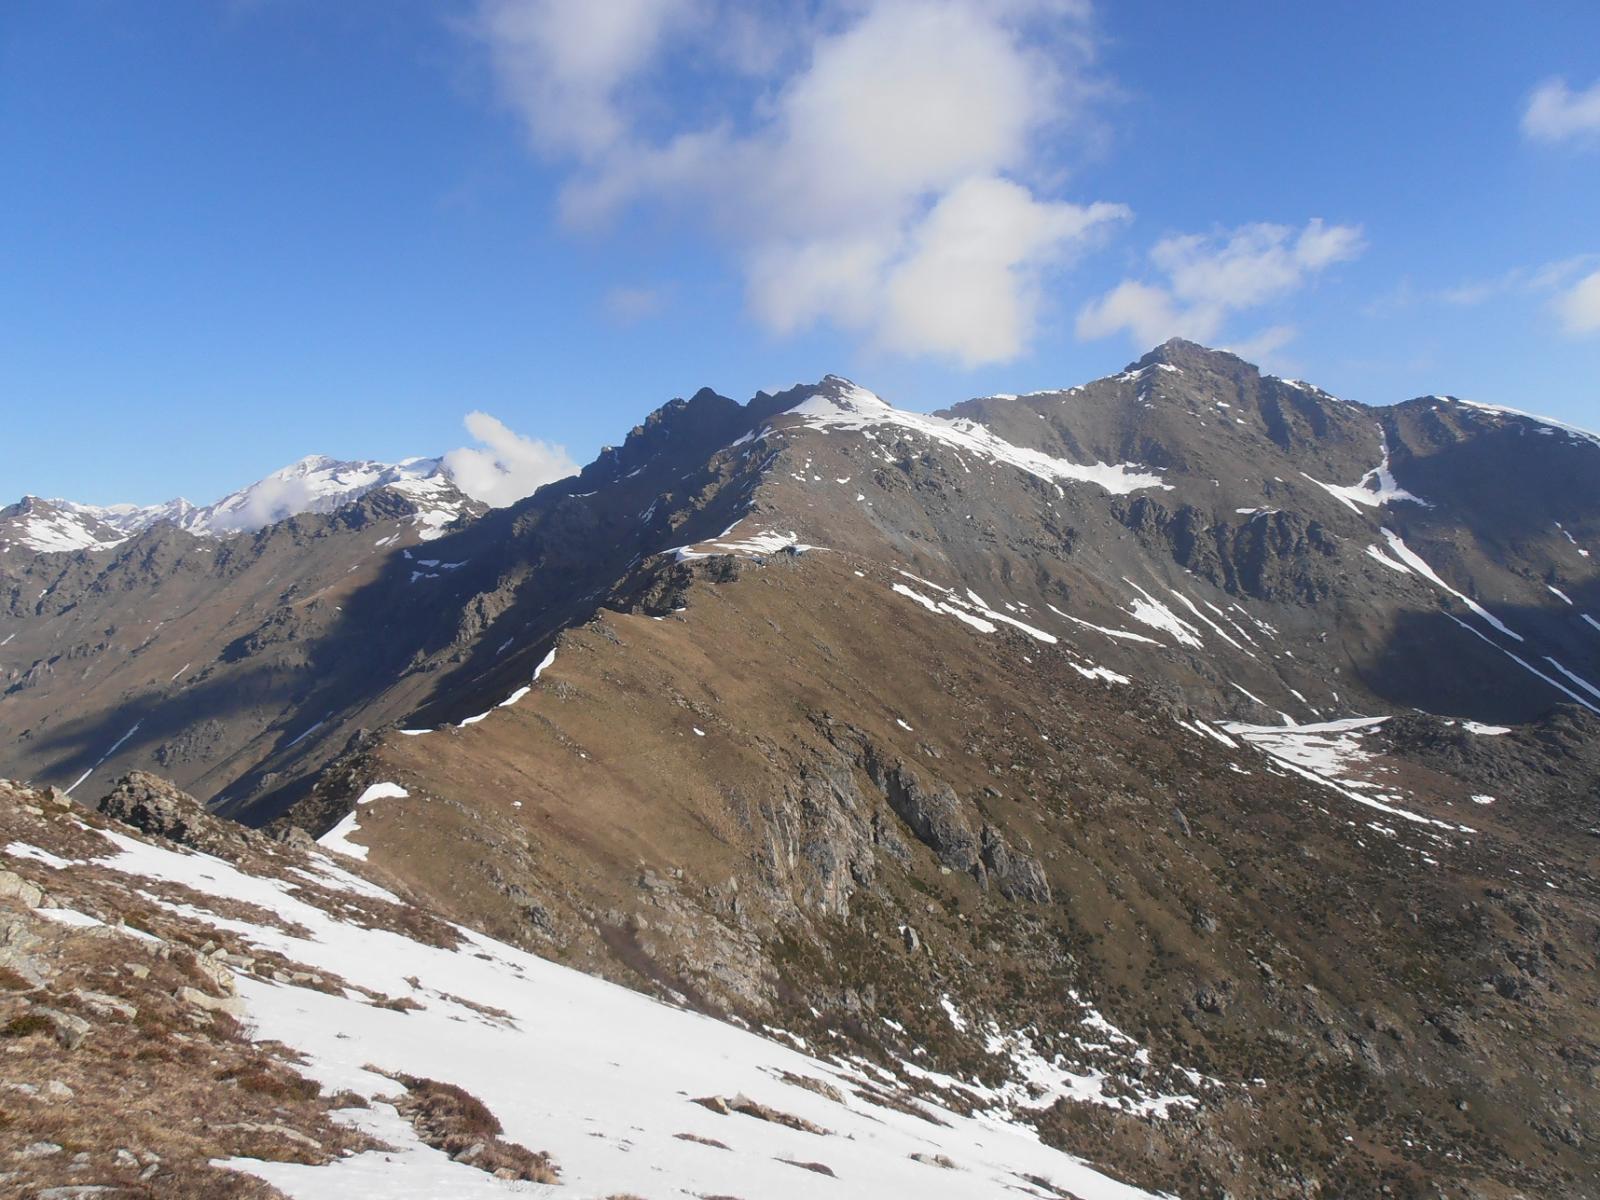 07 - Lunella dal colletto della Rocca Patanua